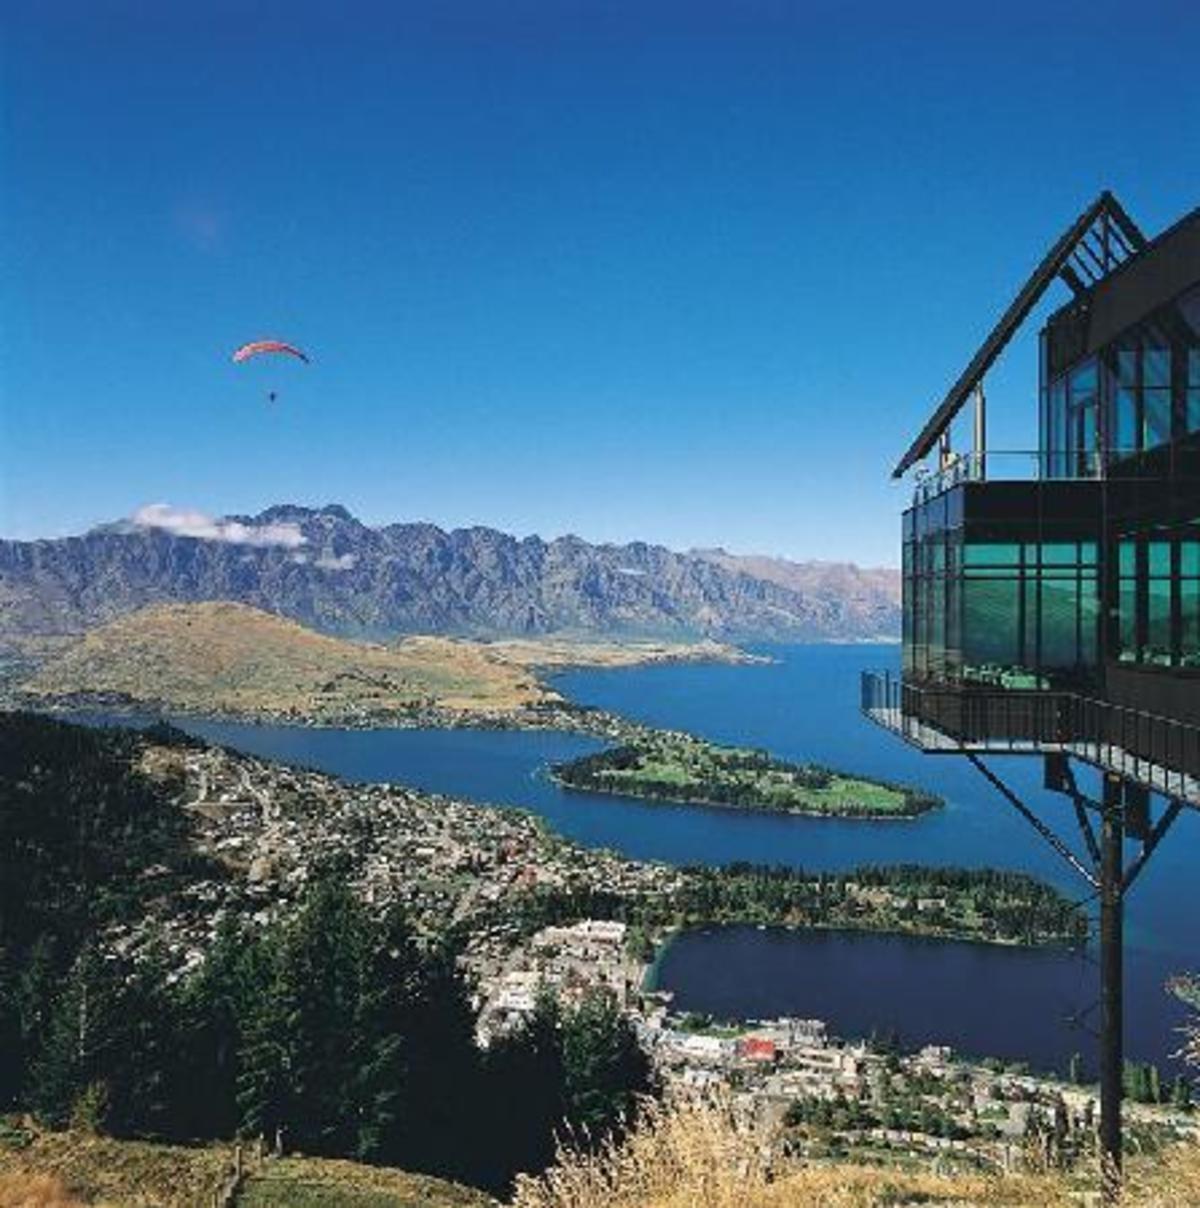 Τα 10 εστιατόρια με την ωραιότερη θέα στον κόσμο! – φωτο   Newsit.gr